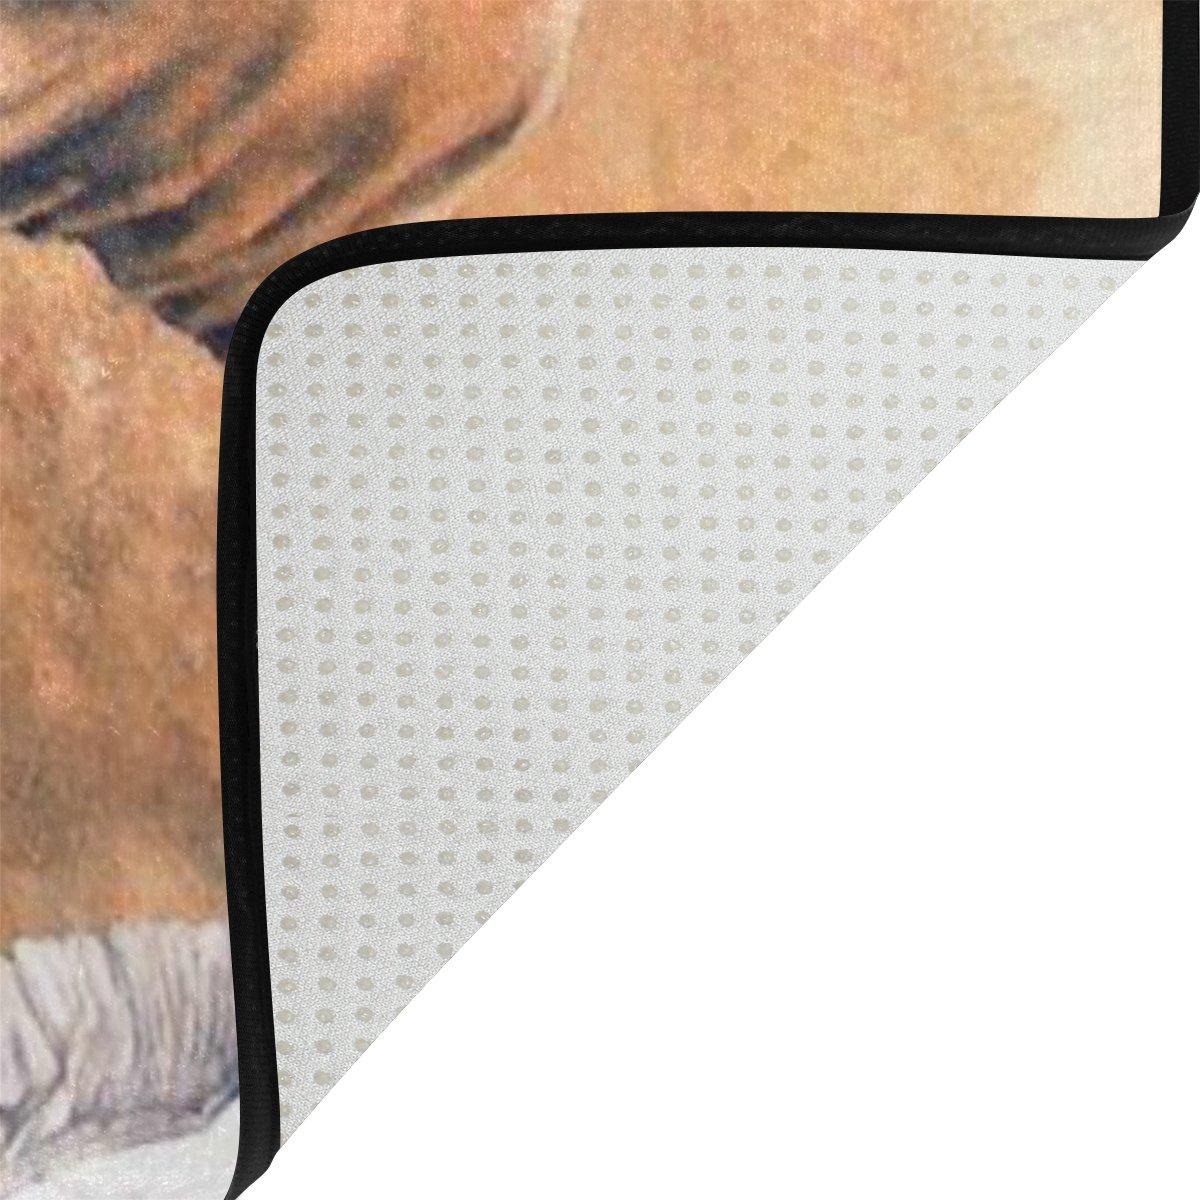 Woor Elefant Kunst Wohnzimmer Essbereich Teppiche 91,4 91,4 91,4 x 61 cm Bed Room Teppiche Büro Teppiche Moderner Boden Teppich Teppiche Home Decor, multi, 6 x 4 Feet 5ec3fb